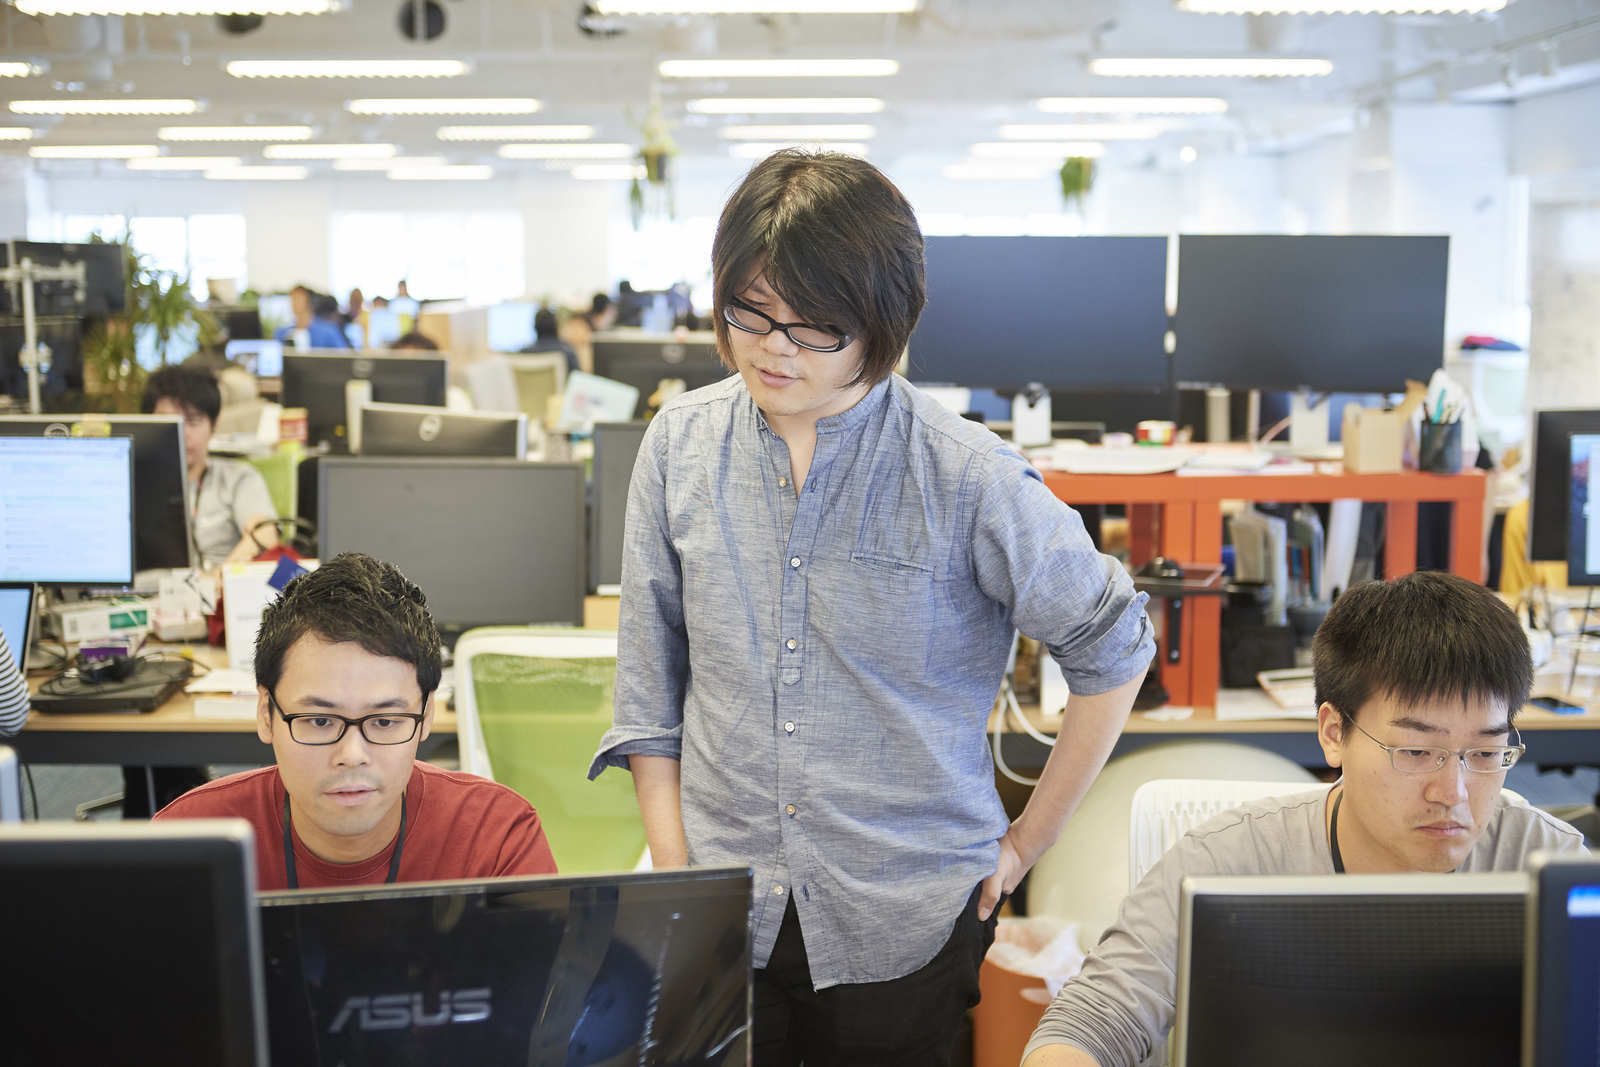 全自動クラウド会計ソフトを手がける freee が、開発組織を更に強くするエンジニアマネージャーを募集!